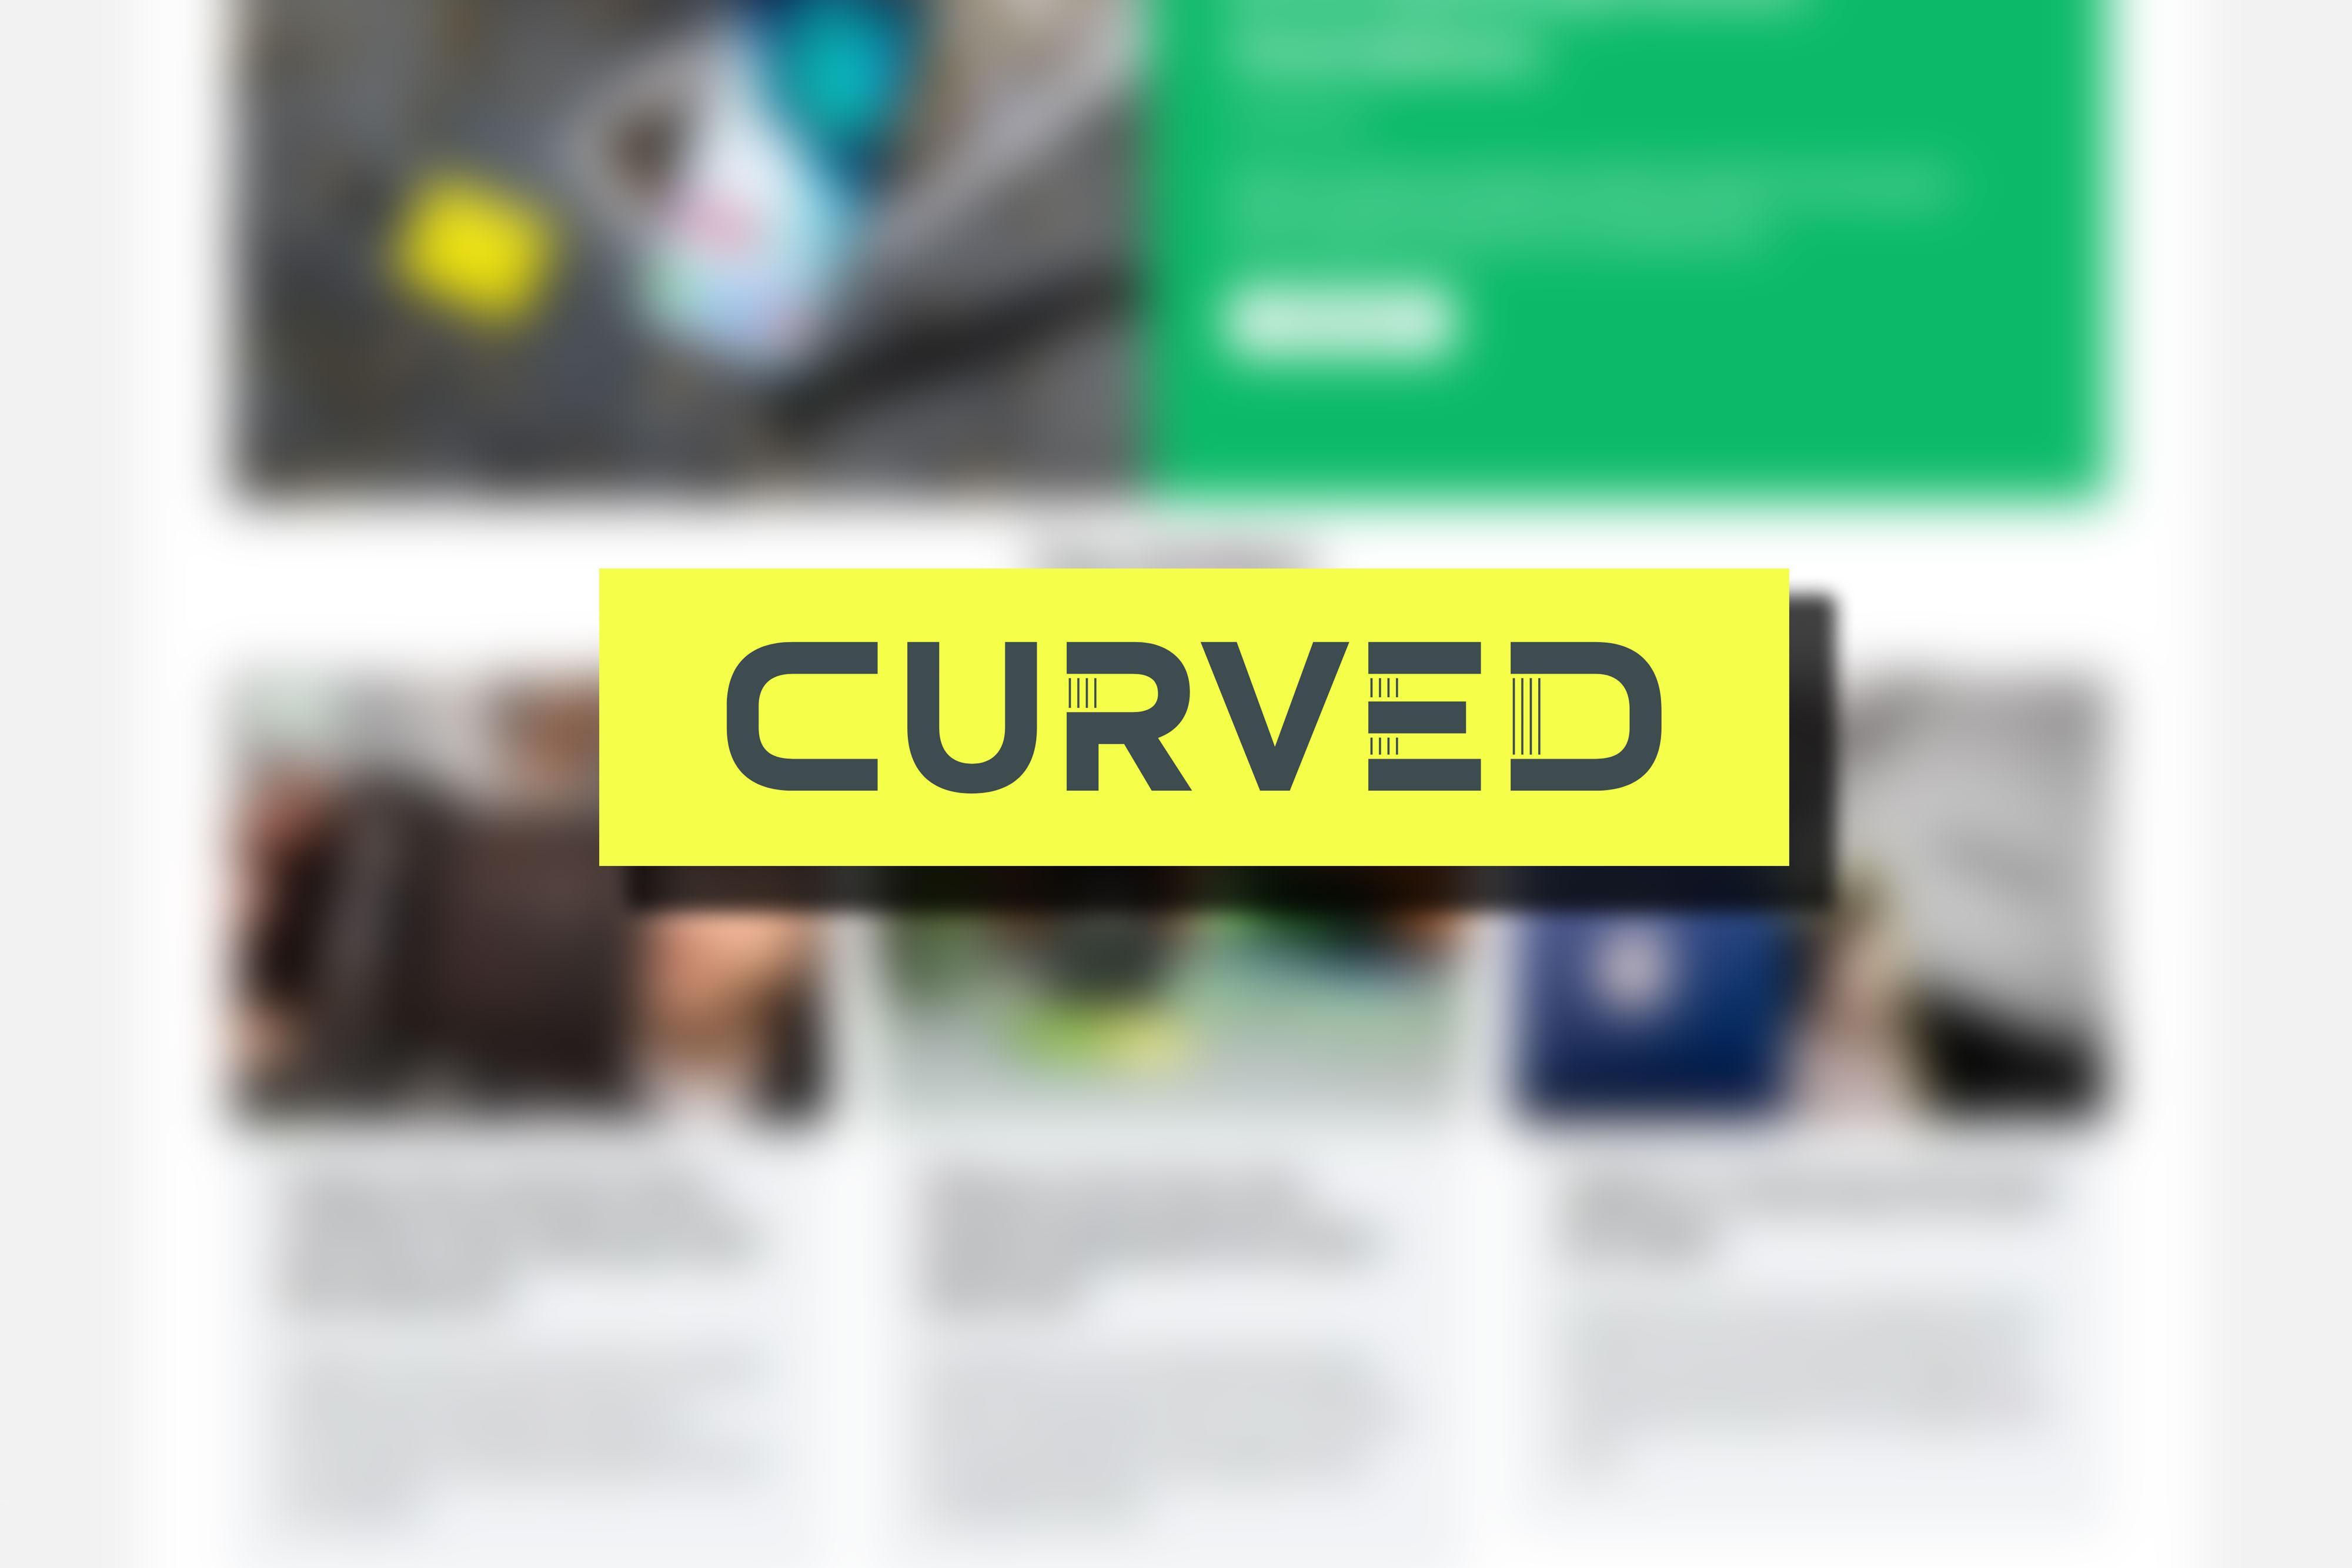 Jetzt geht es weiter mit dem neuen iphone. Apple Event Im Live Ticker Alle Neuvorstellungen Von Der Keynote Curved De